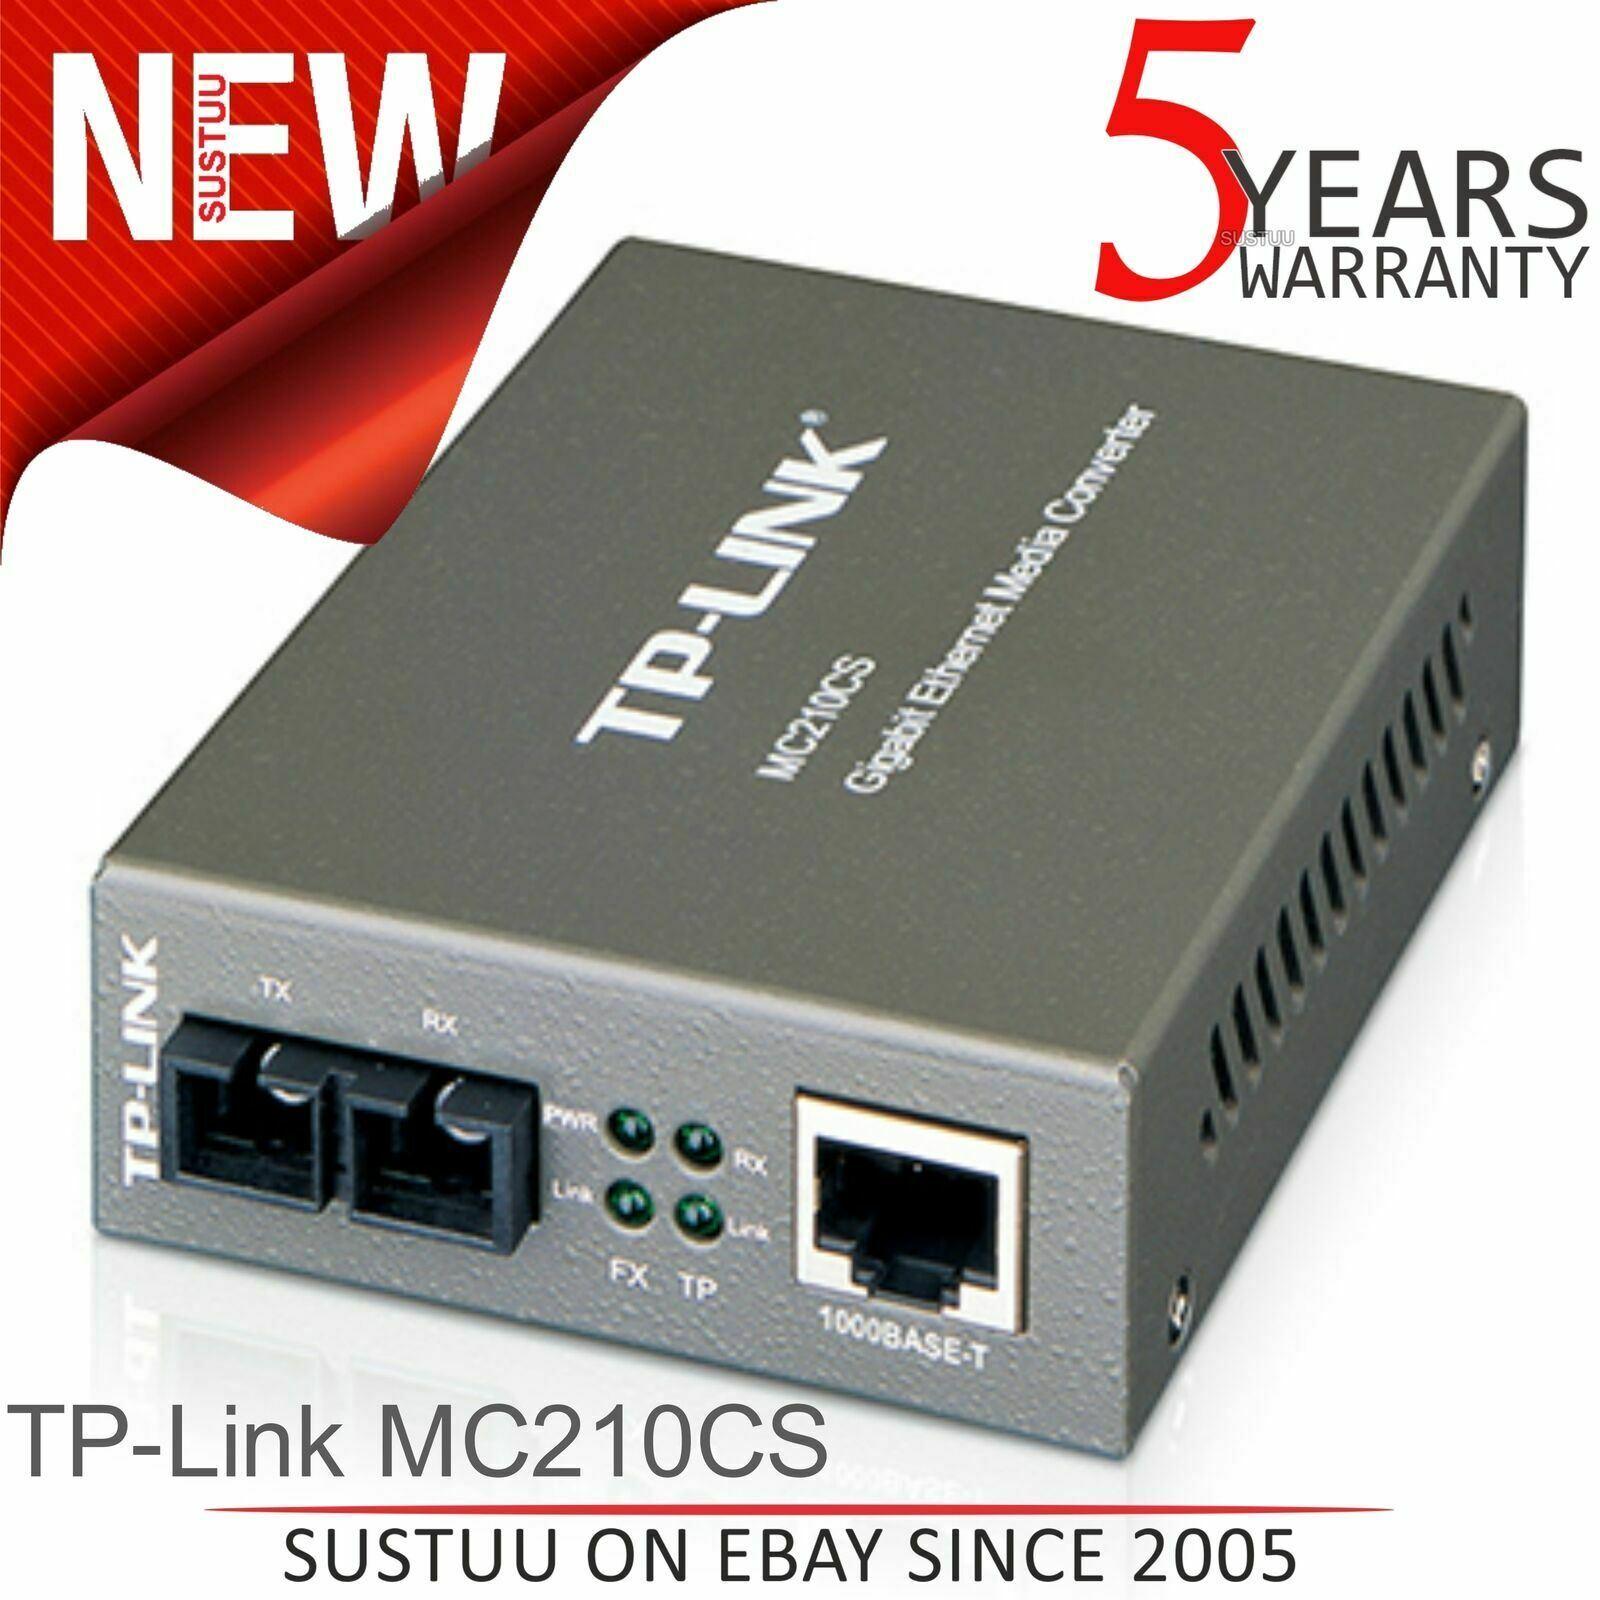 TP-LINK MC210CS Gigabit Ethernet Single-Mode SC Fiber Media Converter RJ45 LAN